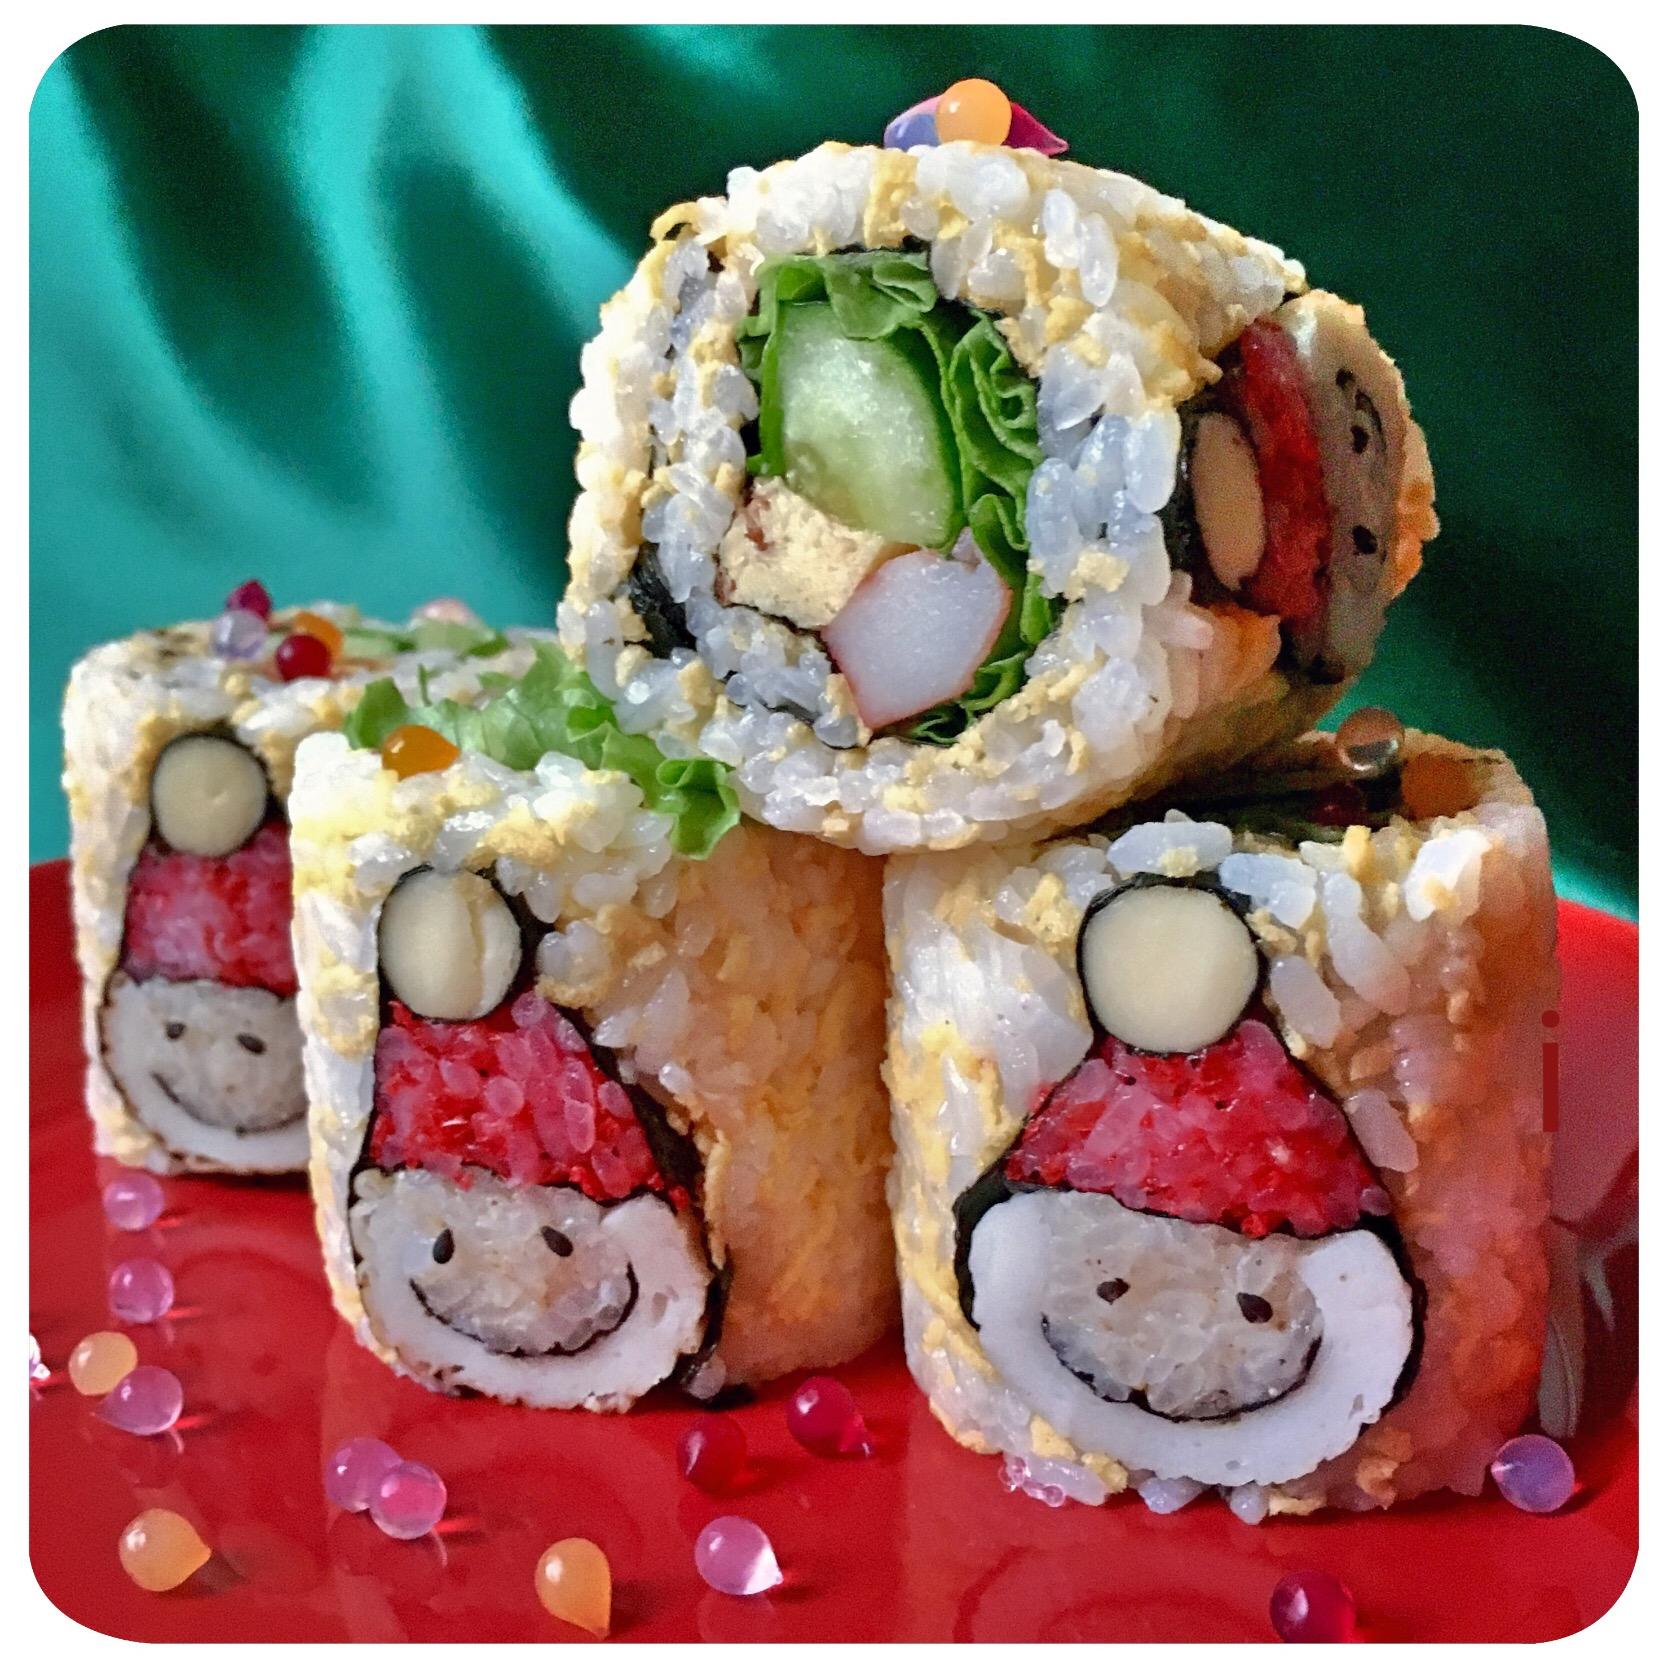 サンタ巻き寿司?